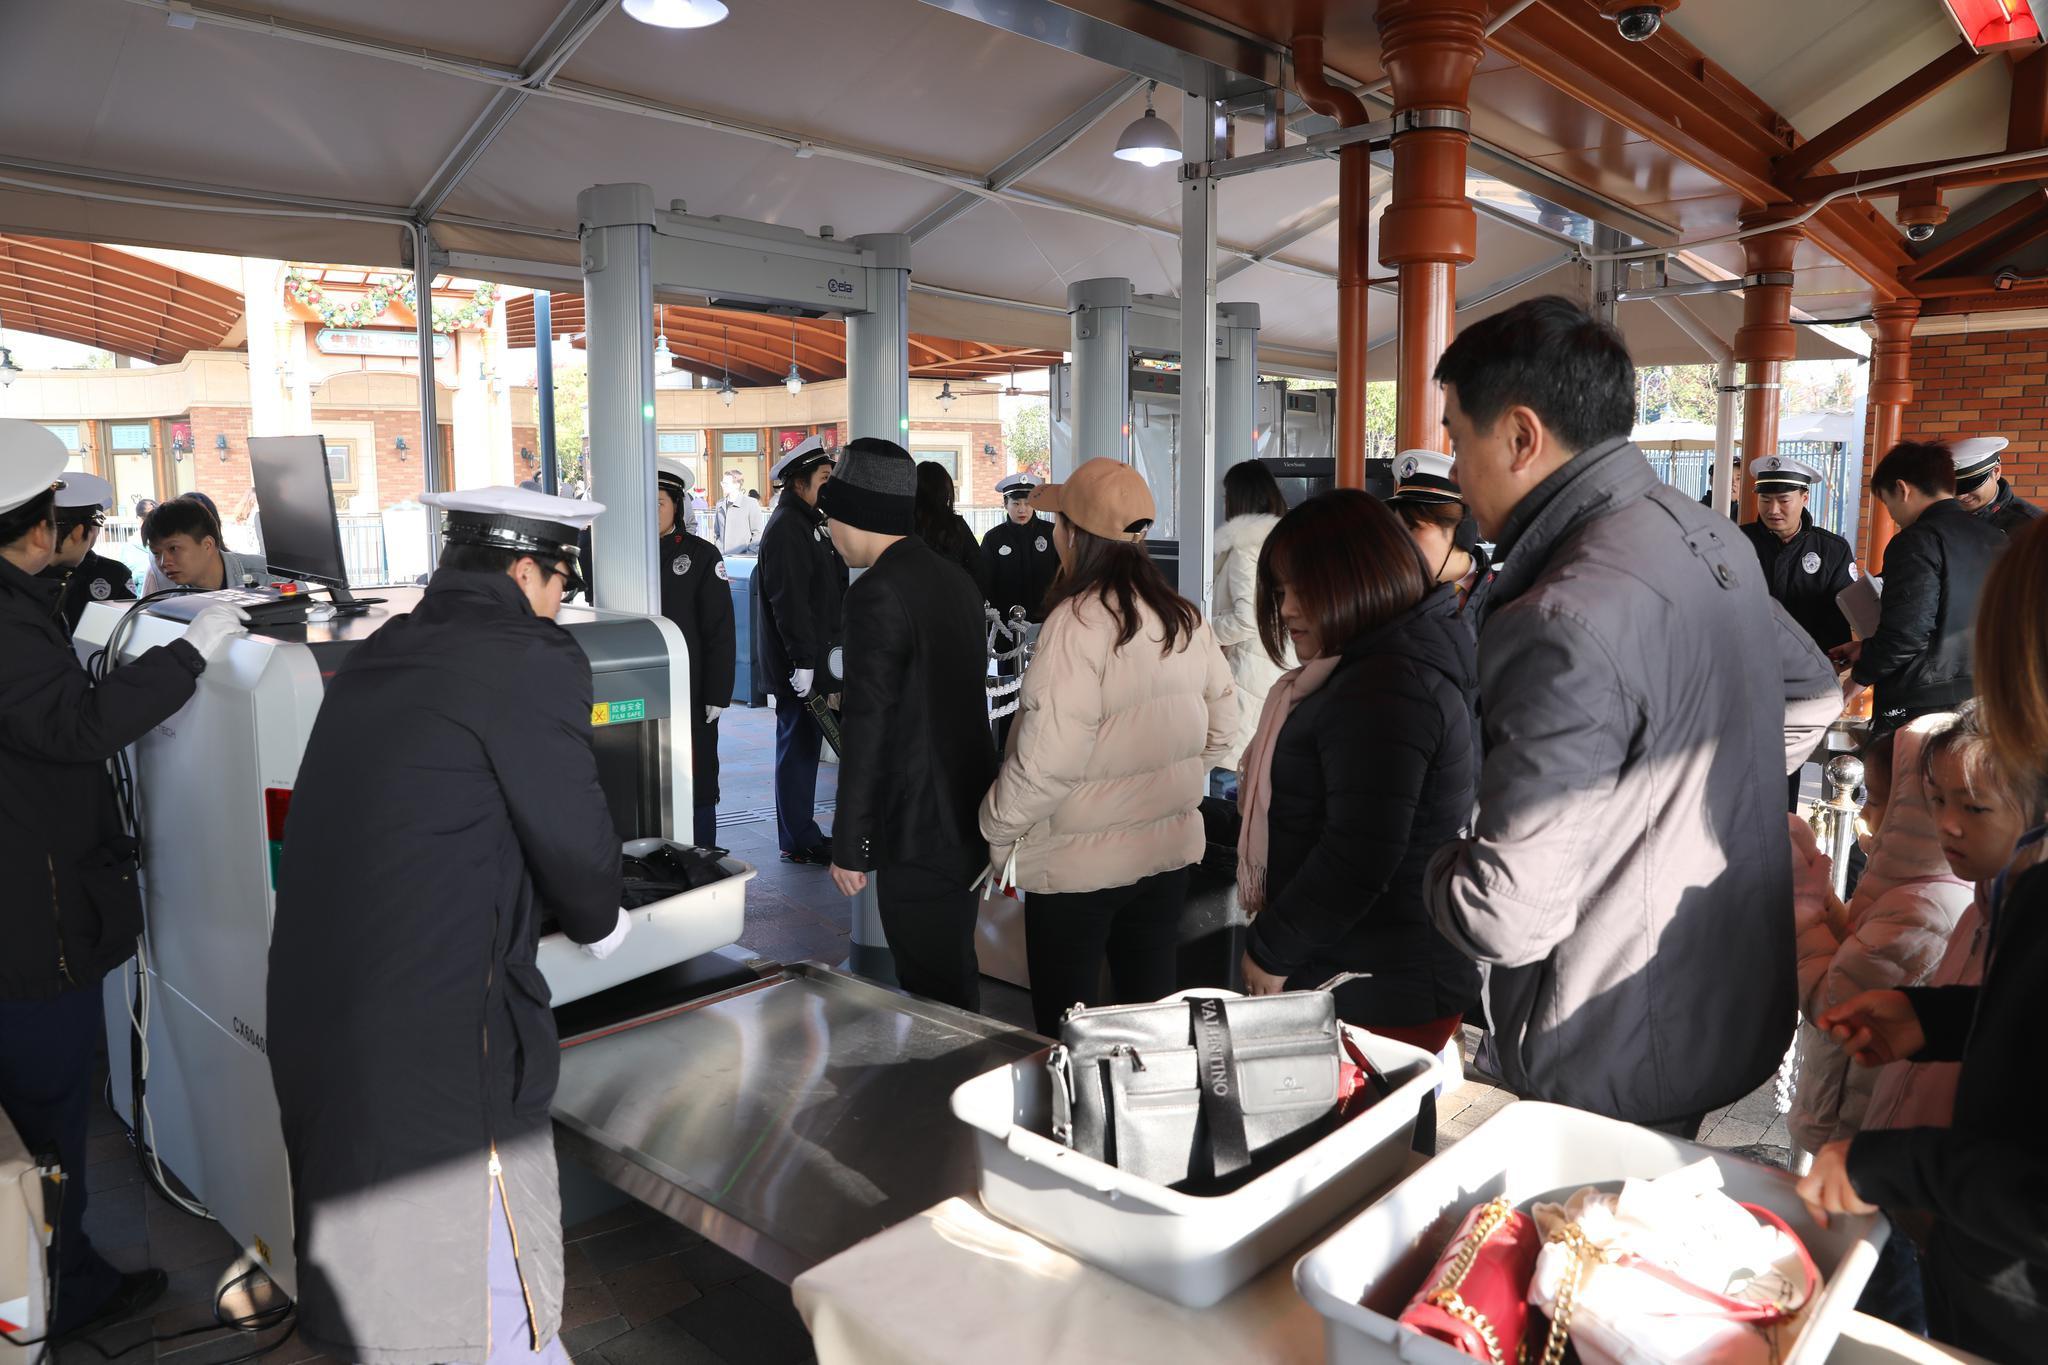 上海迪士尼乐园开始测试使用X光机 优化安检流程